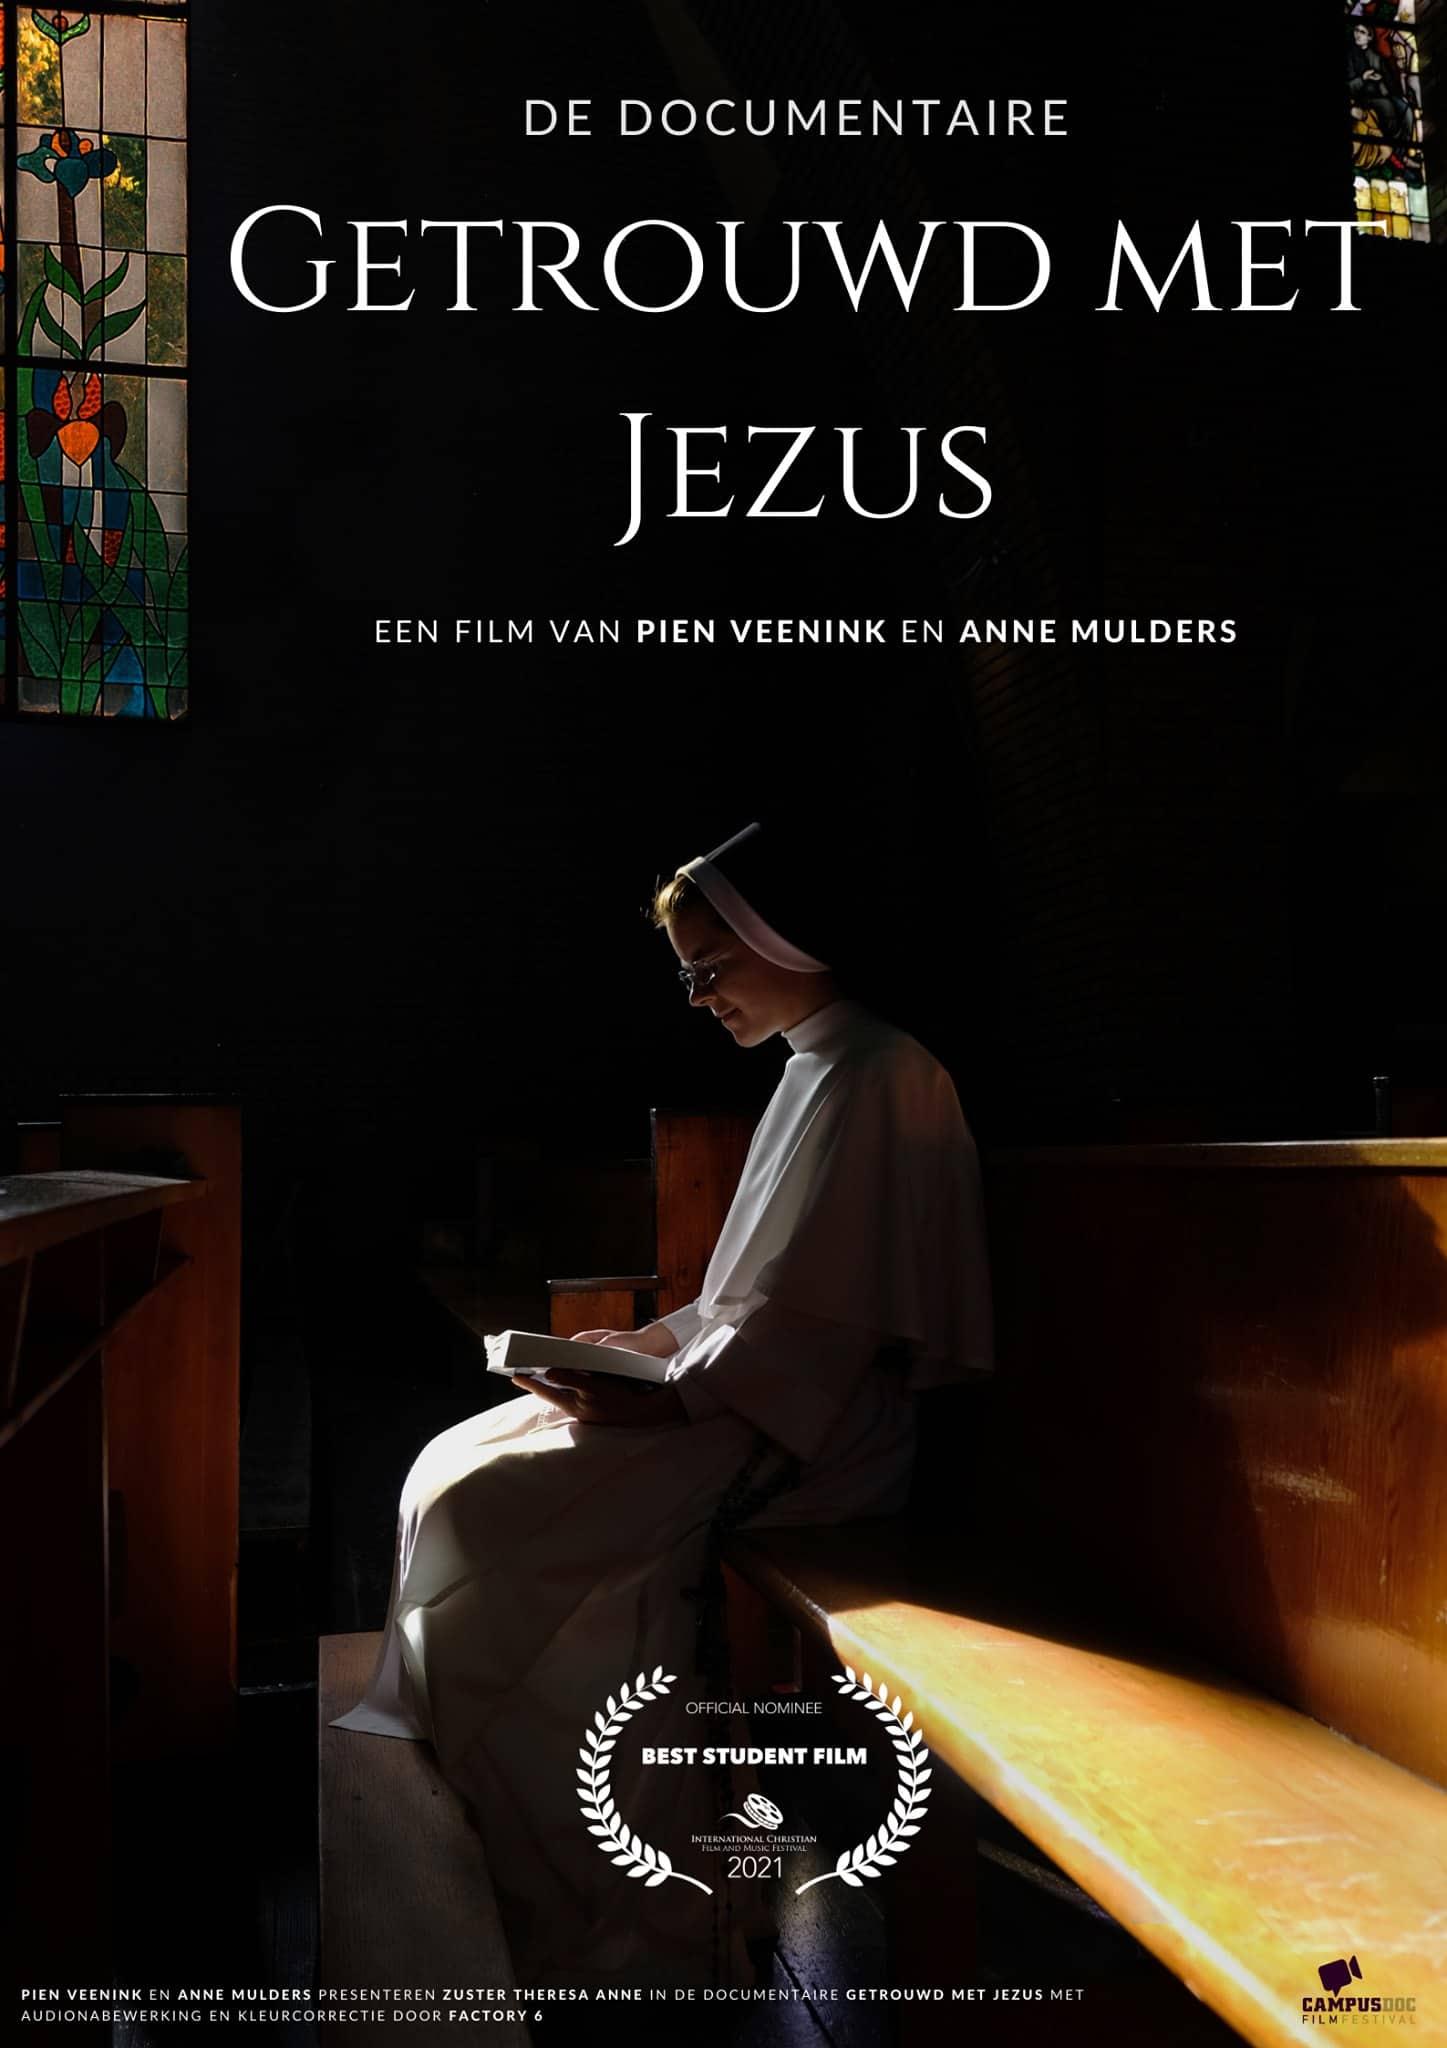 getrouwd met jezus fimposter